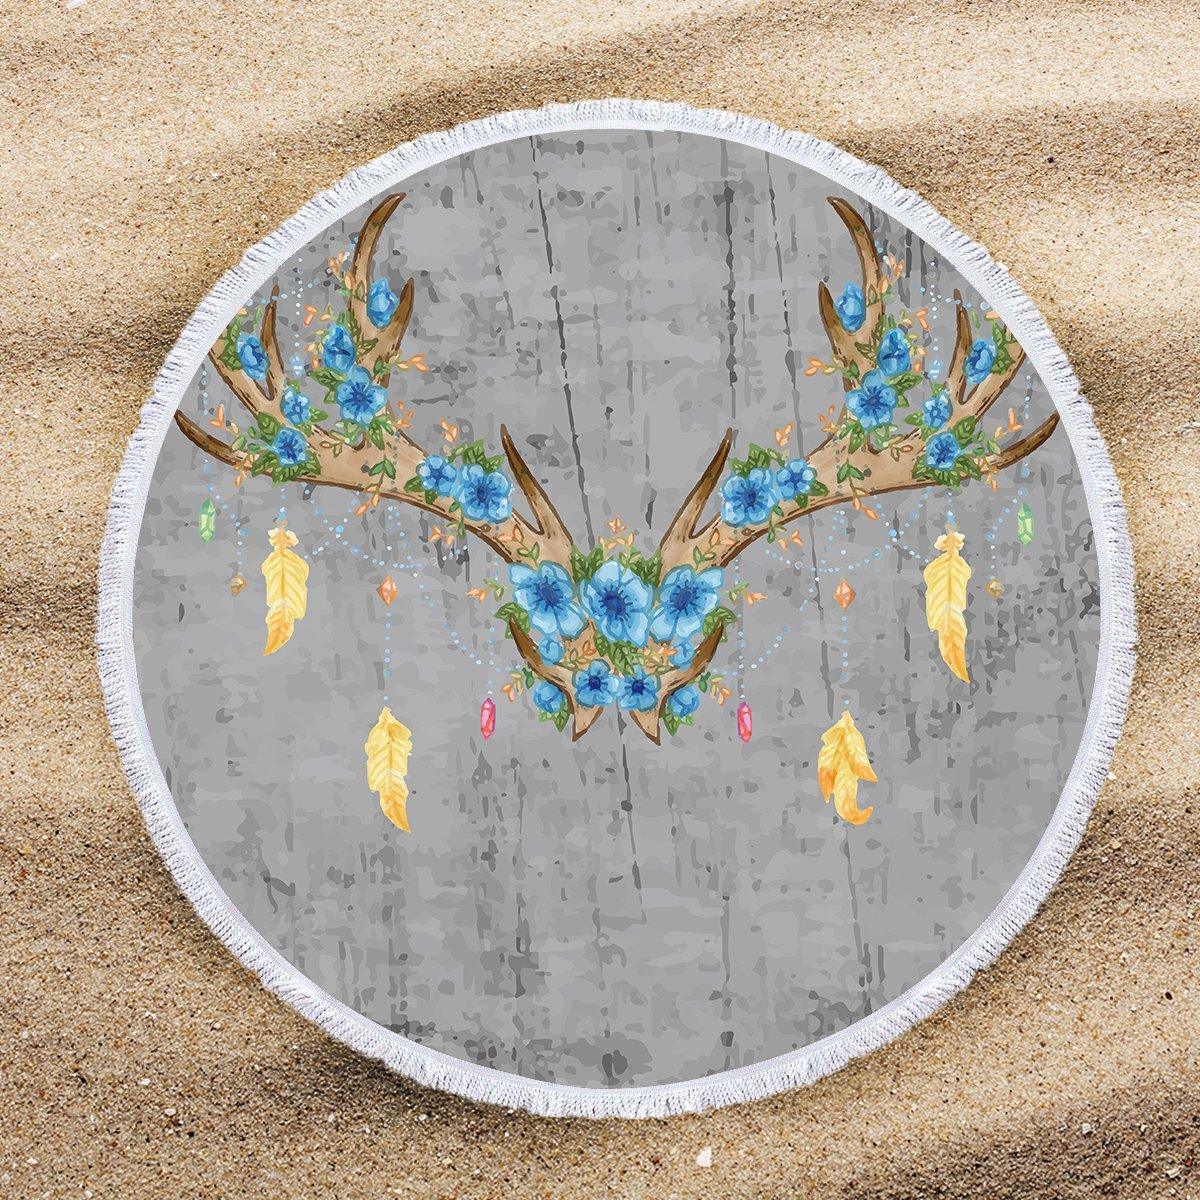 ARIGHTEX Toalla de Playa Vintage Azul Flor Ciervo Boho Grande Redonda Playa Manta con borlas Hippie Tapiz Playa Manta: Amazon.es: Hogar